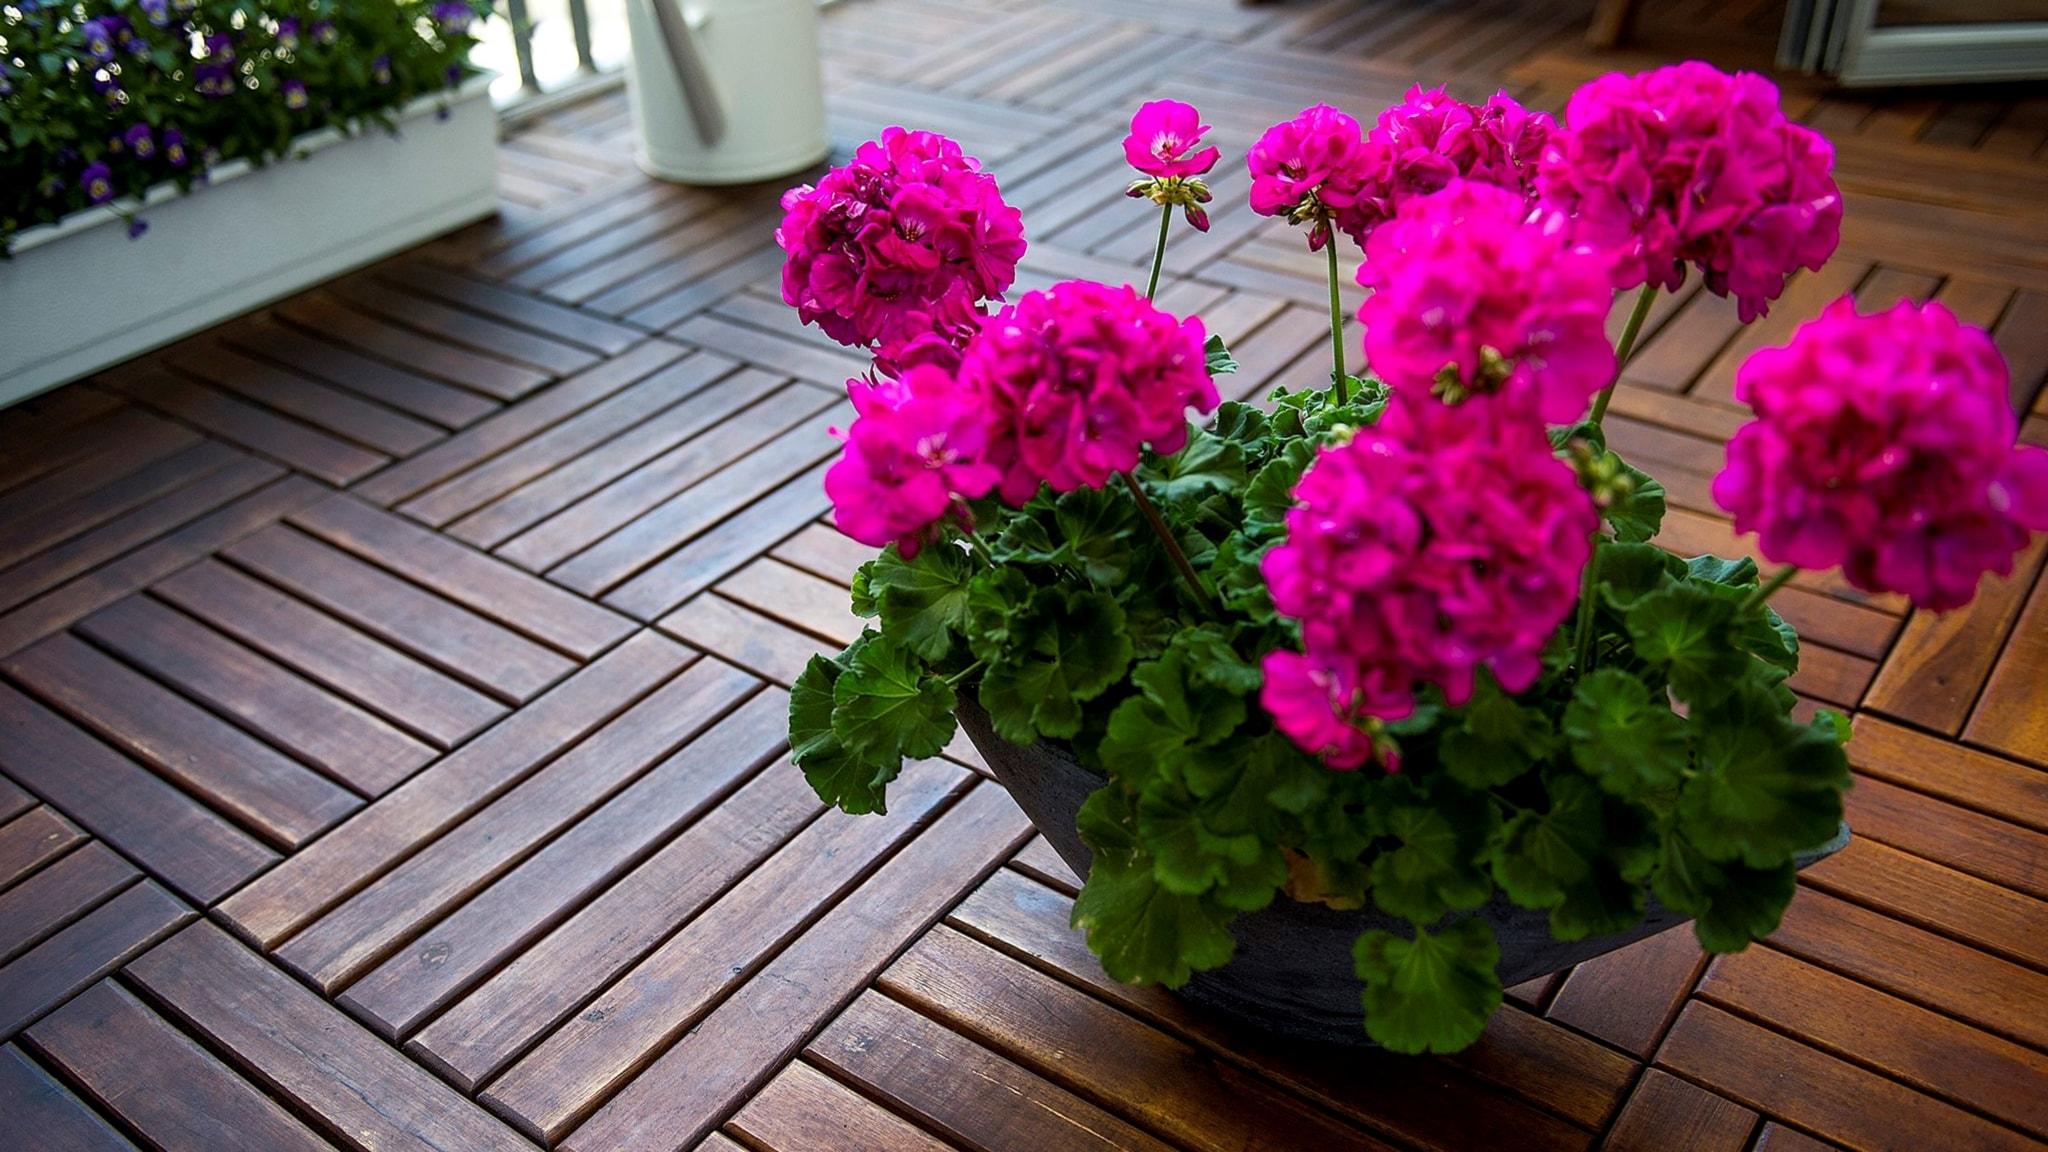 Tillväxthämningsmedel i krukväxter farligt för komposten - spela